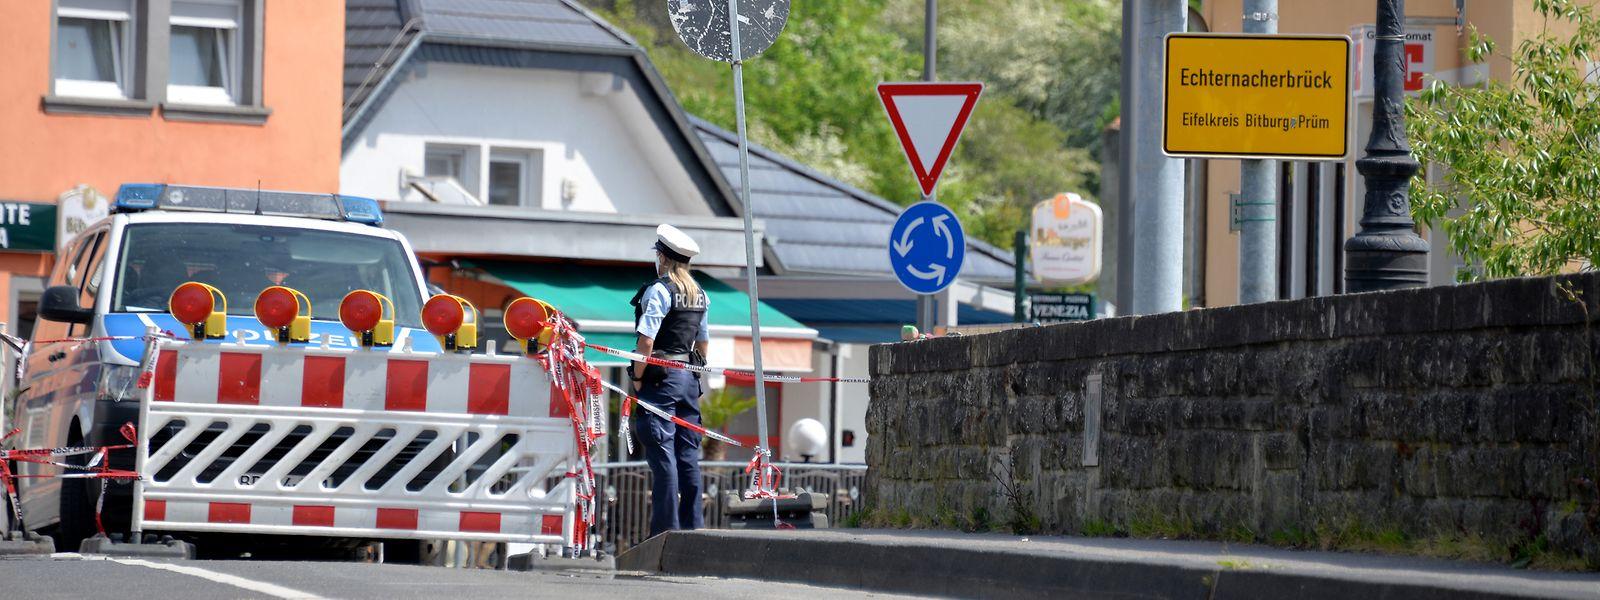 Eine Polizistin steht neben einer Straßensperre auf der deutschen Seite der Grenzbrücke die unerlaubte Einreise nach Luxemburg. In Echternach (Luxemburg) protestierten Vertreter des Echternacher Gemeinderats und des Eifelkreises Bitburg-Prüm gegen die Schließung der Grenze zwischen Luxemburg und Deutschland.